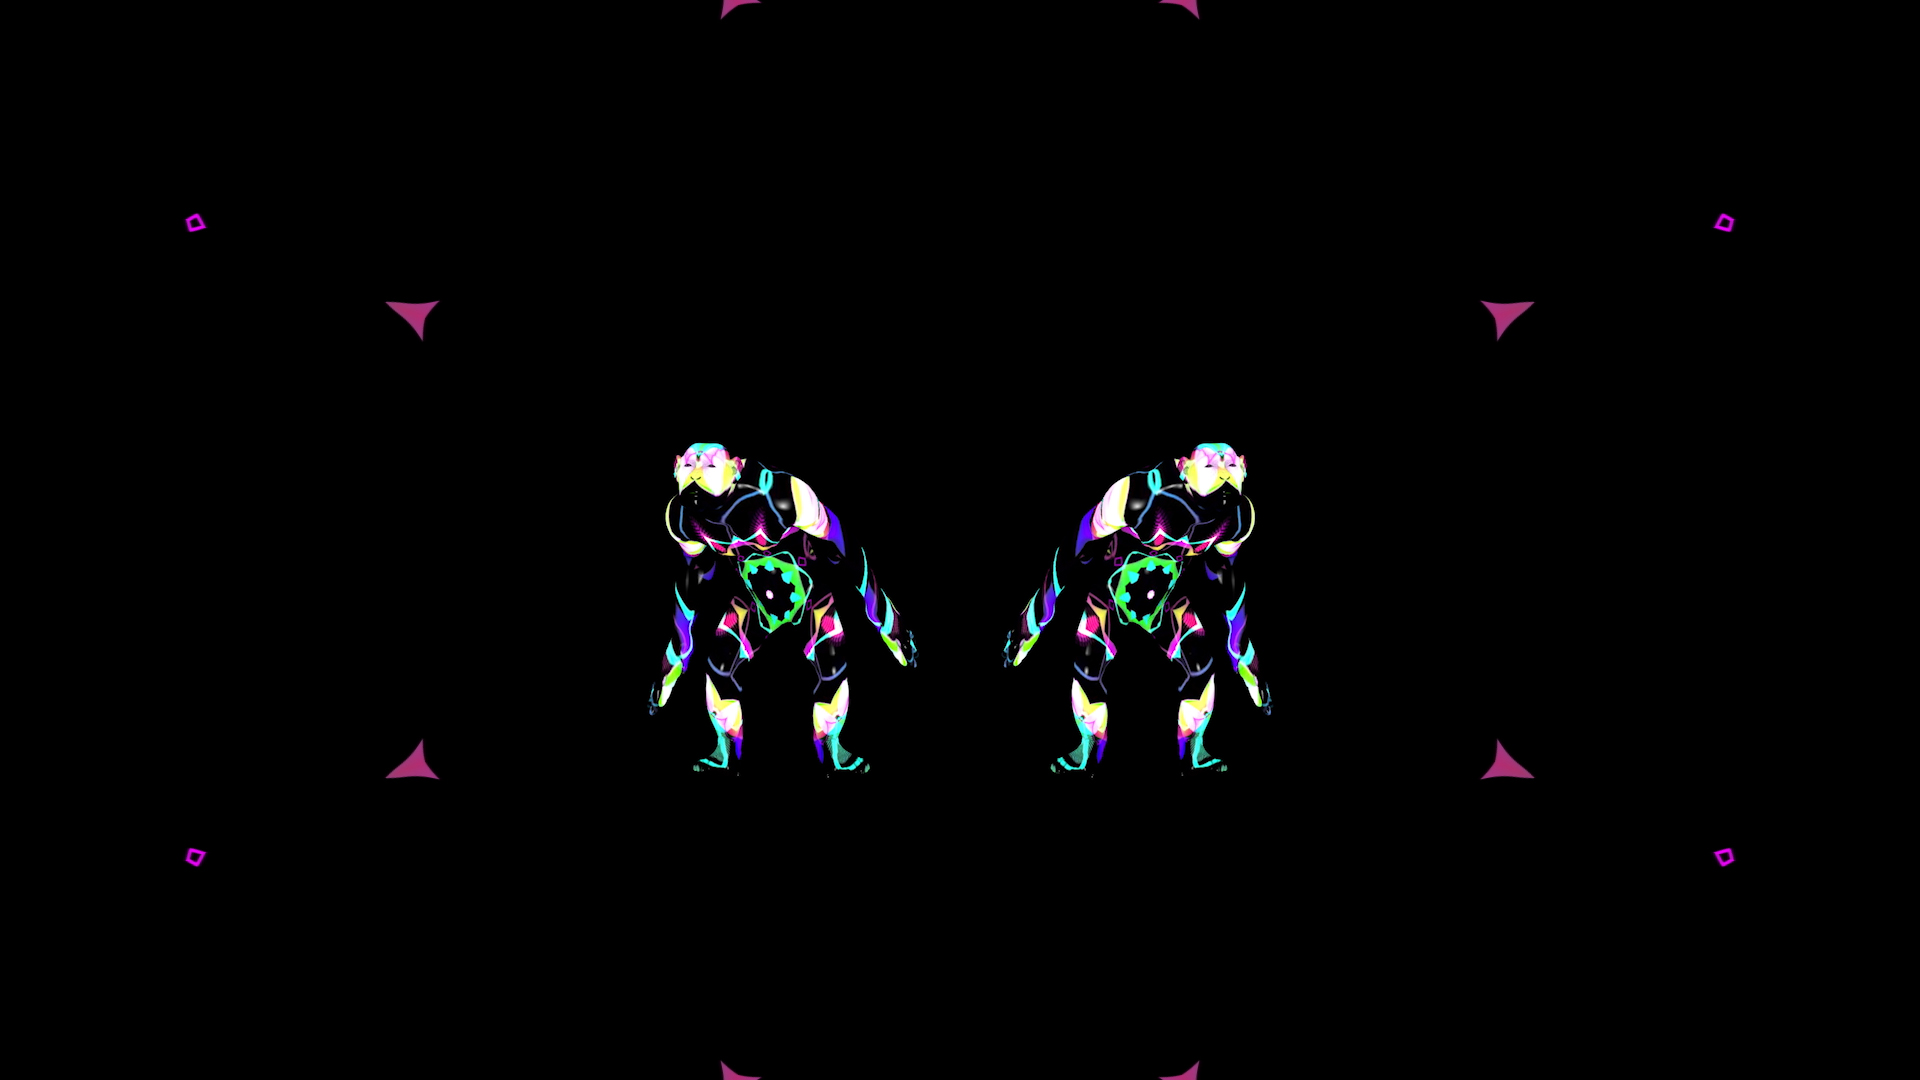 COLDPLAY_AOAL_SCREEEN_VIS_EDIT_WIDE_161115 (0-00-04-04).jpg